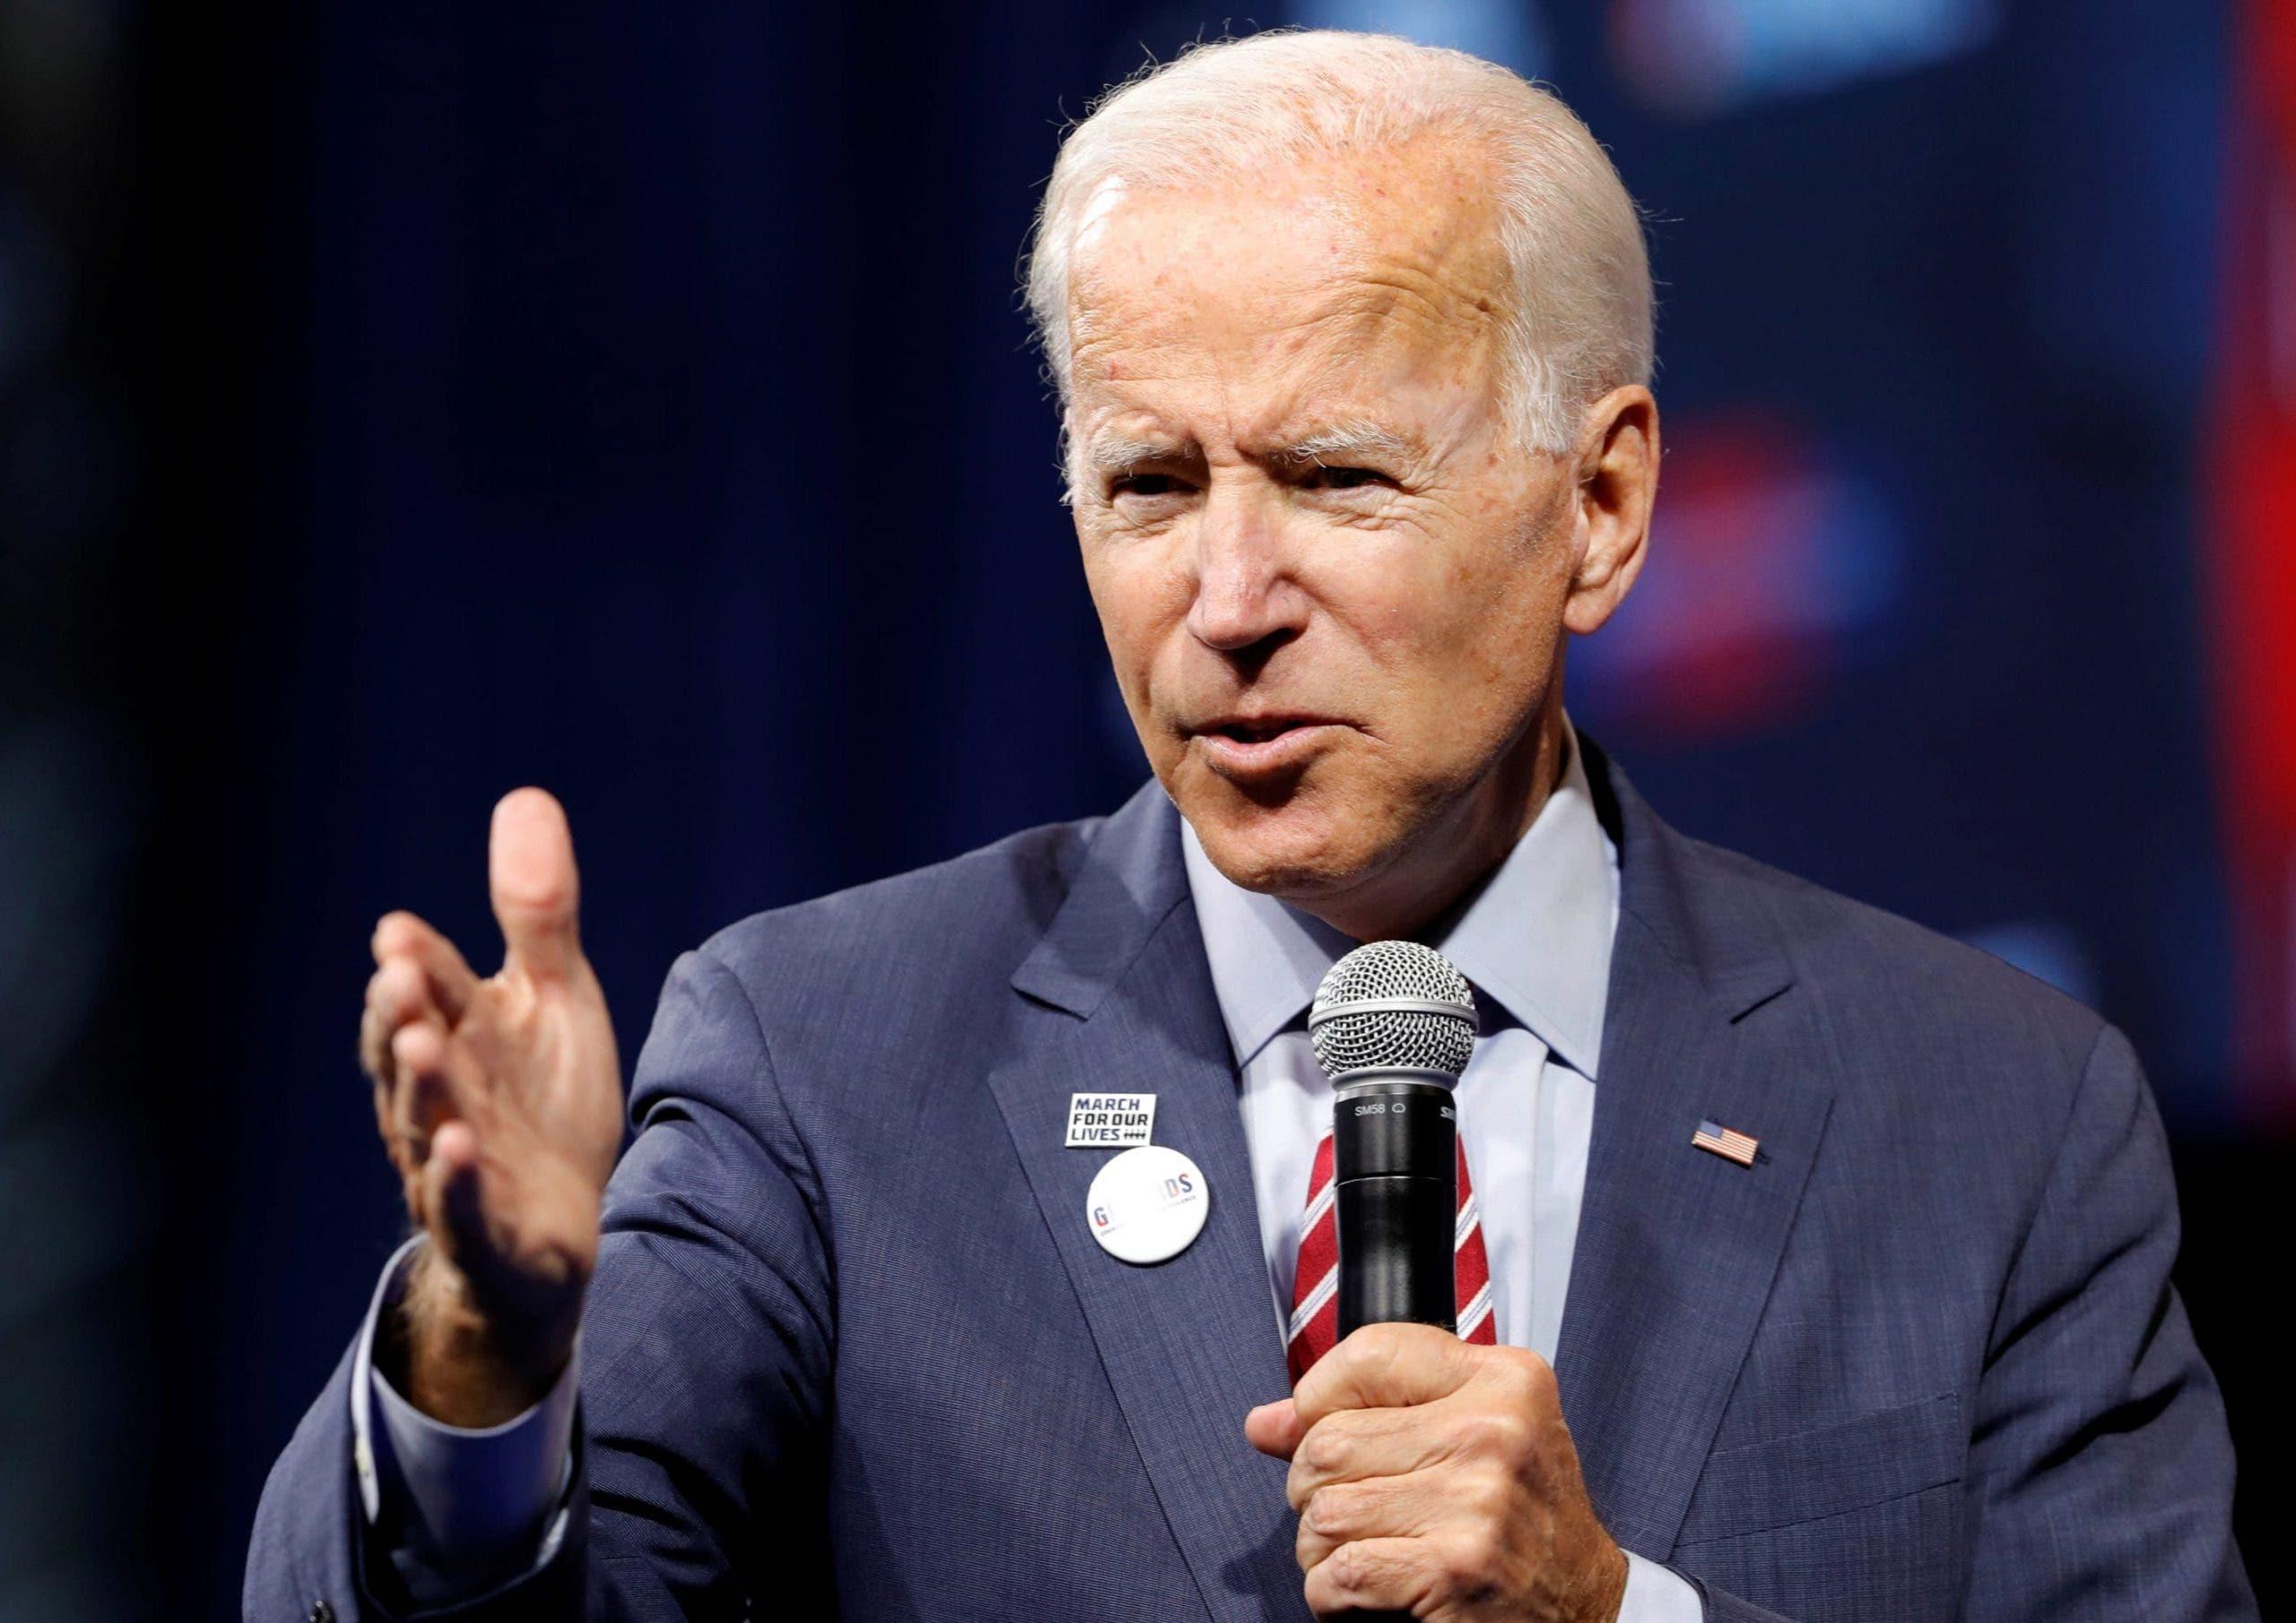 Joe Biden oo jawaab kulul ka bixiyey weerarkii uu Trump ku qaaday Soomaalida